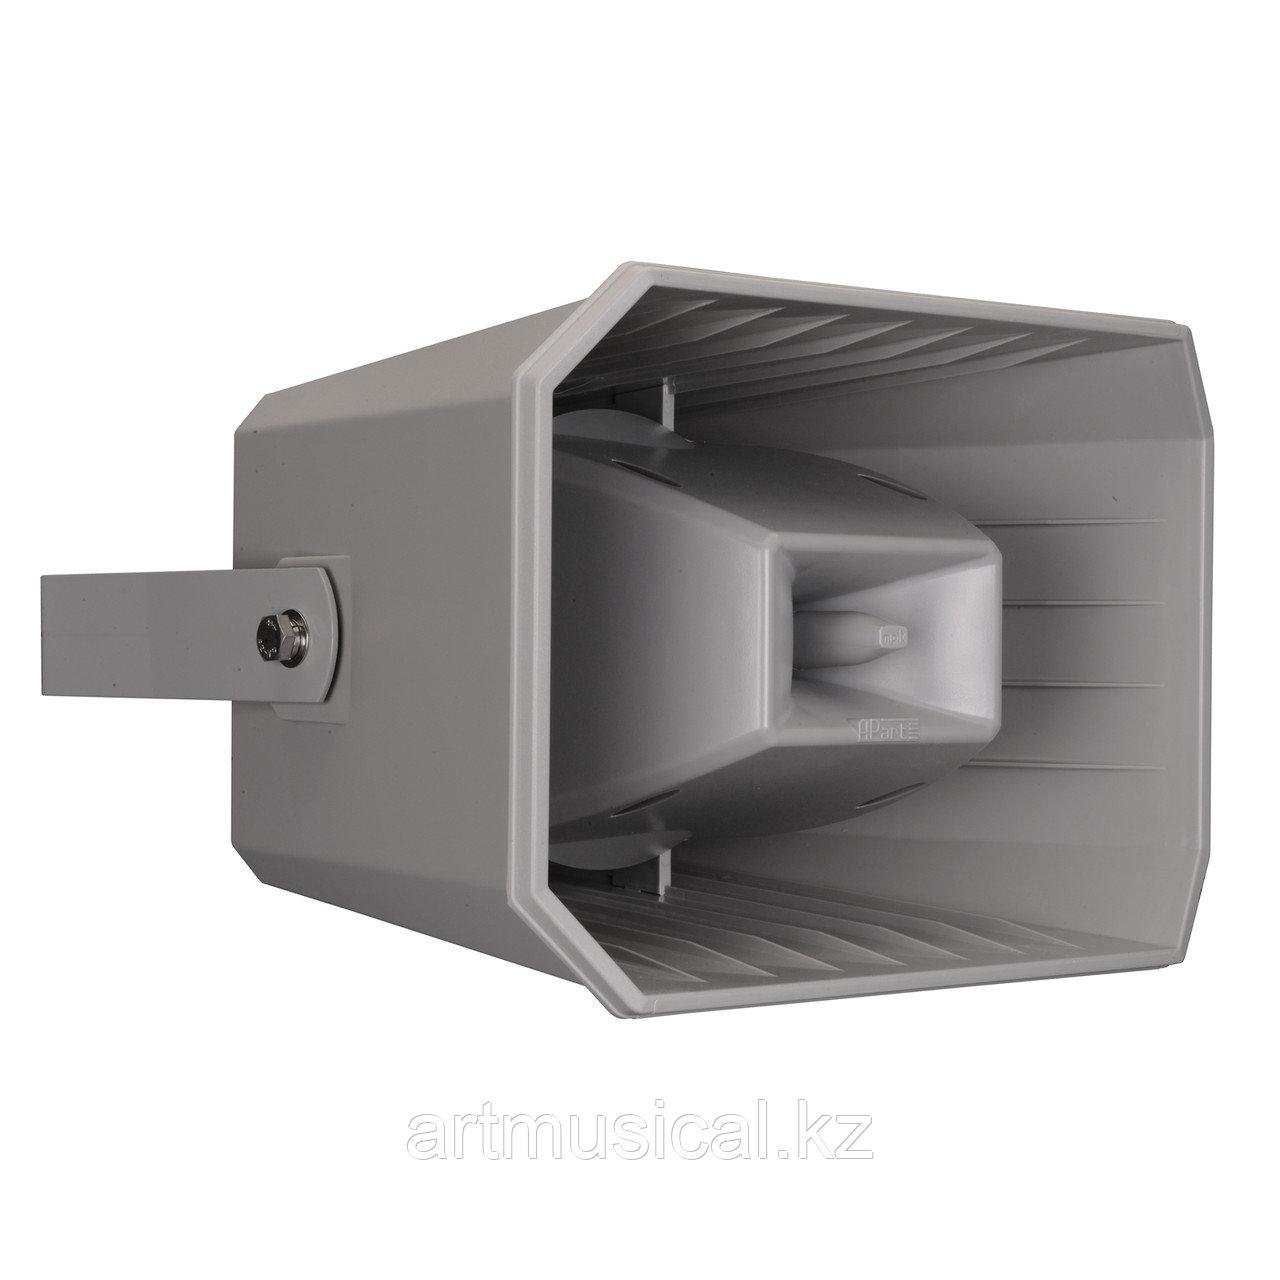 Музыкальный громкоговоритель APart MPLT62-G